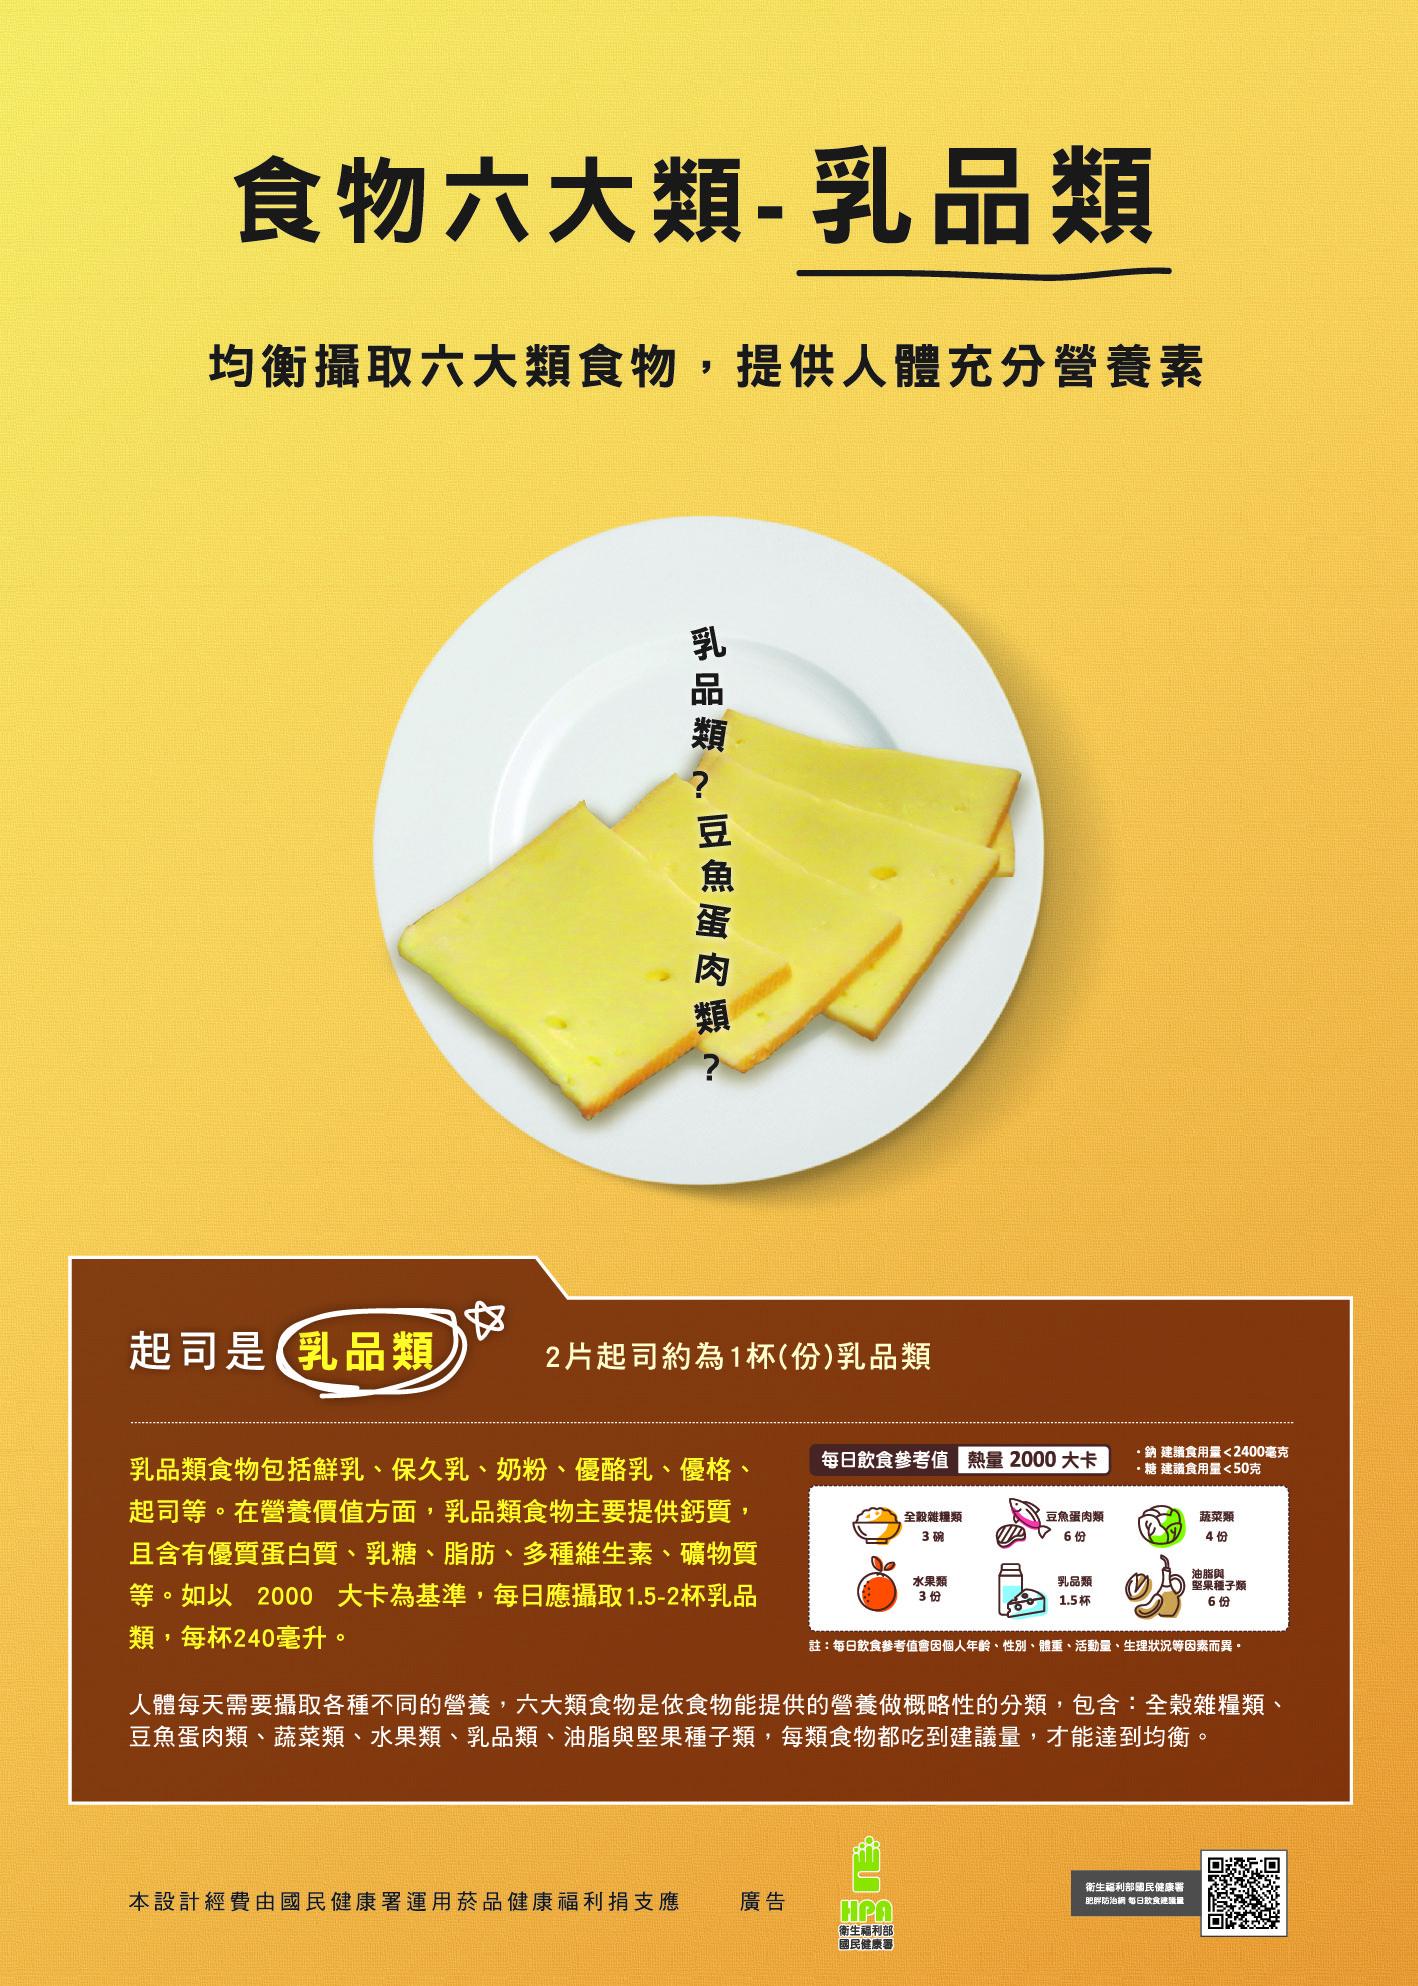 食物六大類-乳品類